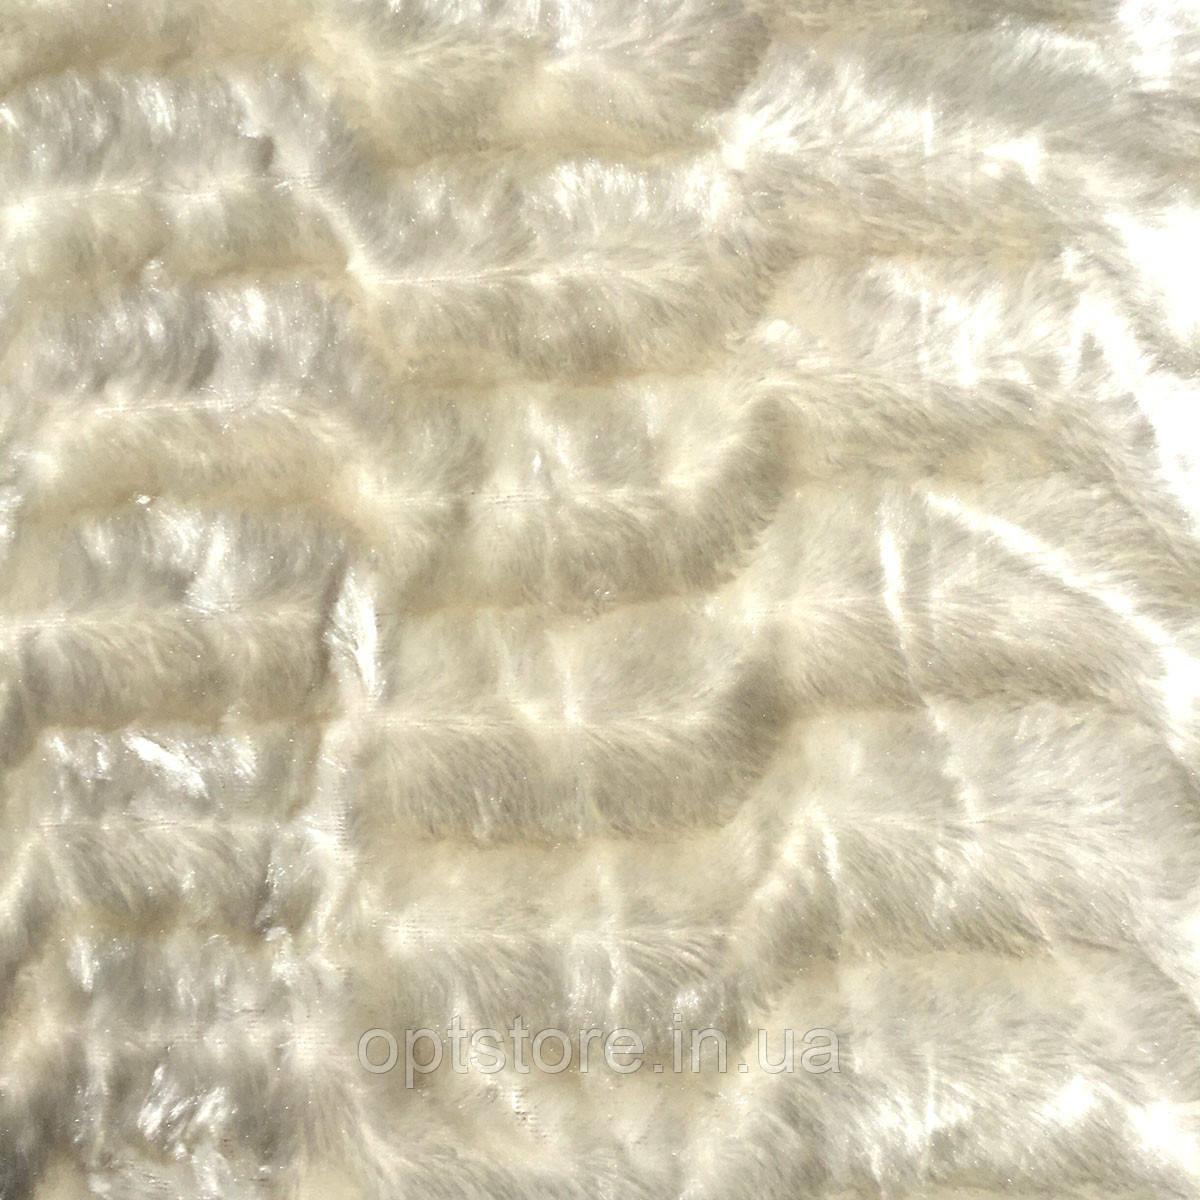 """Плед """"норка"""" молочный евро размер 220/240, микрофибра"""